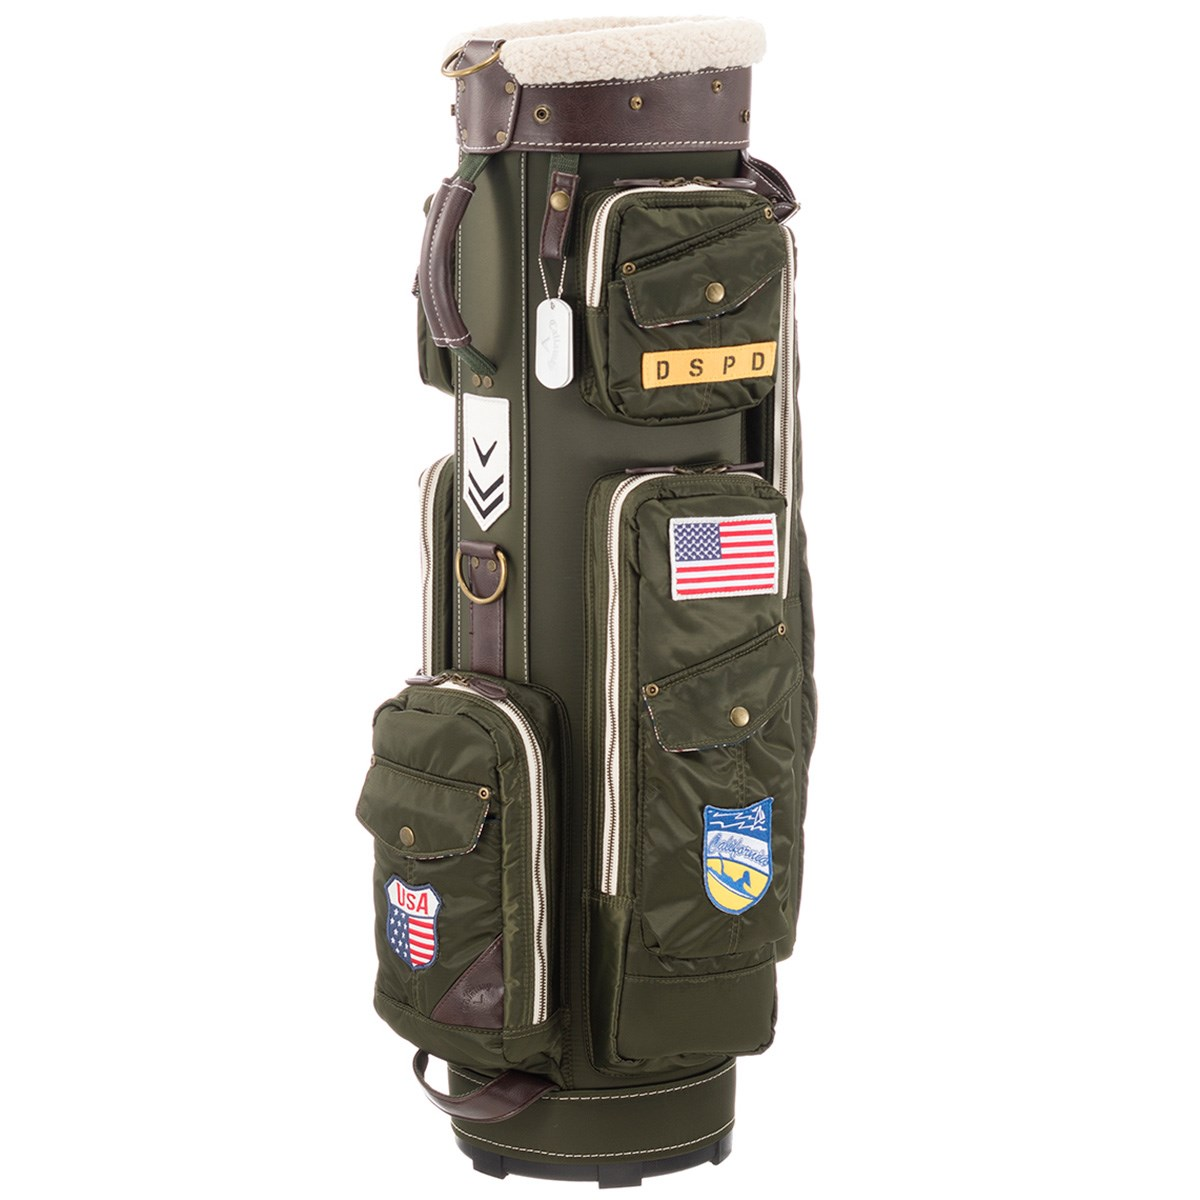 6ce21f8567fb3 TG-II カートキャディバッグ 17JM キャロウェイゴルフ Callaway Golf|GDOゴルフショップ